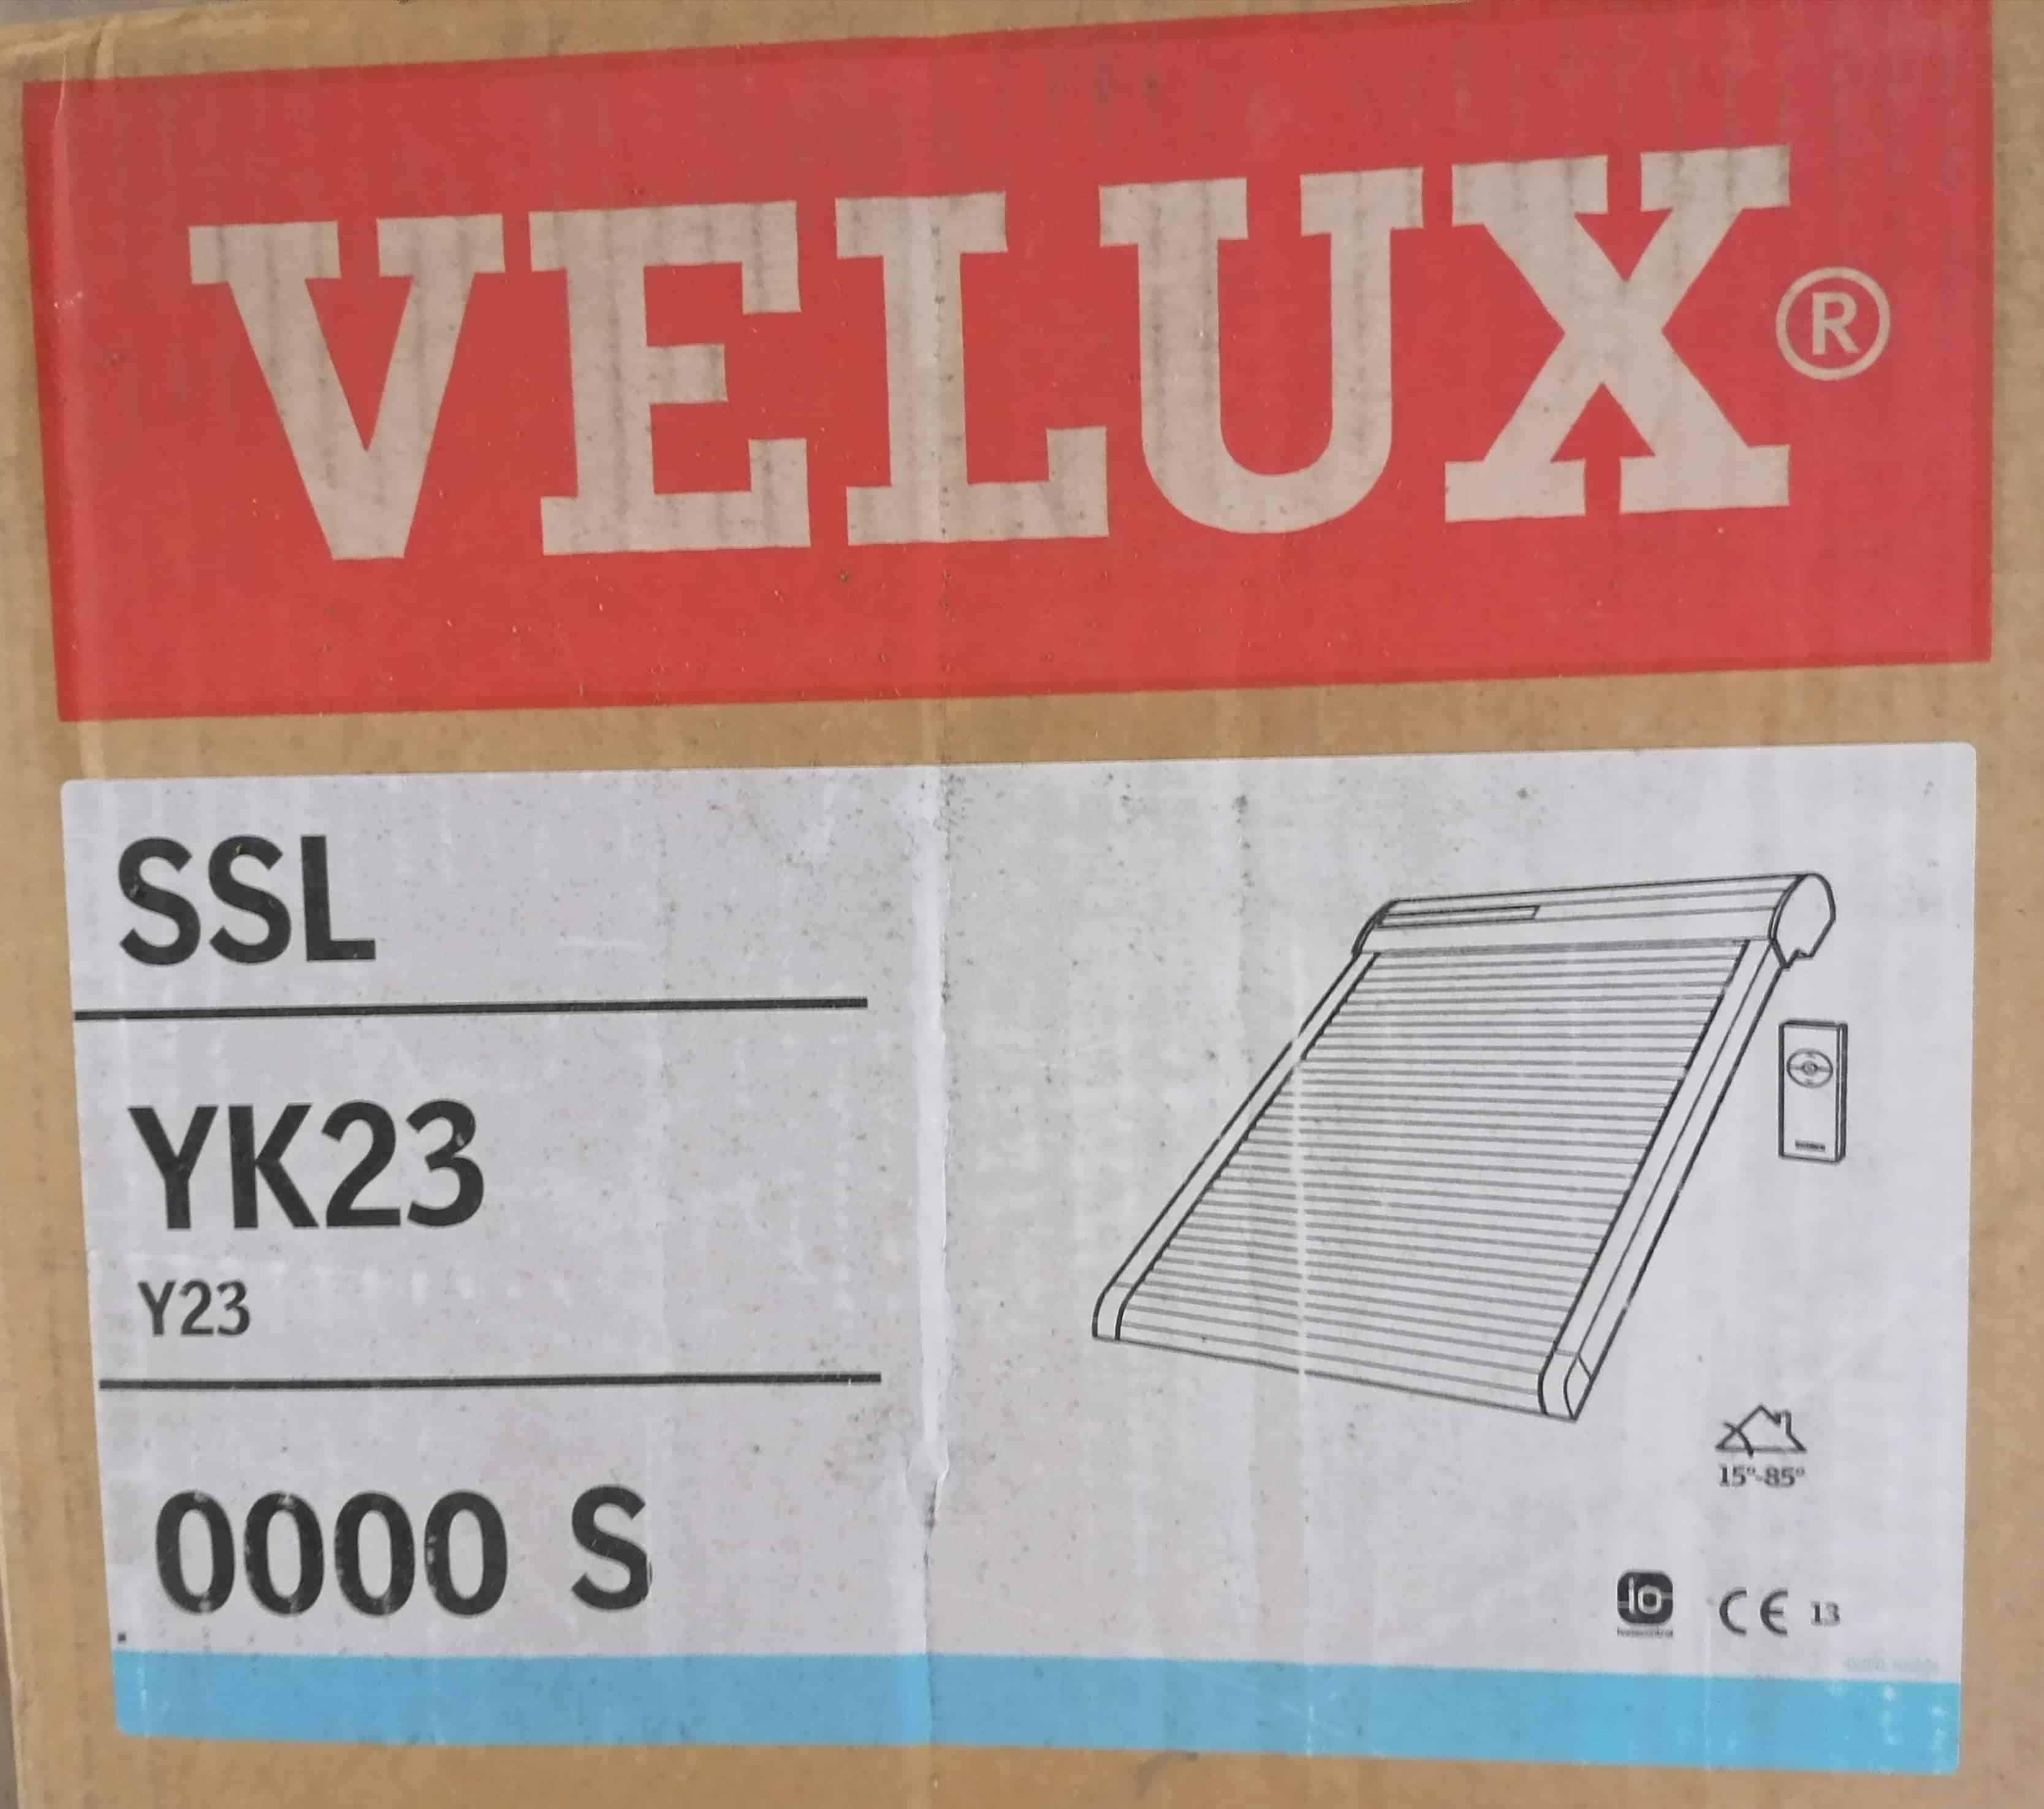 Velux SSL YK23 0000S Rollladen Solar, dunkelgrau, Alu 55 x 104cm